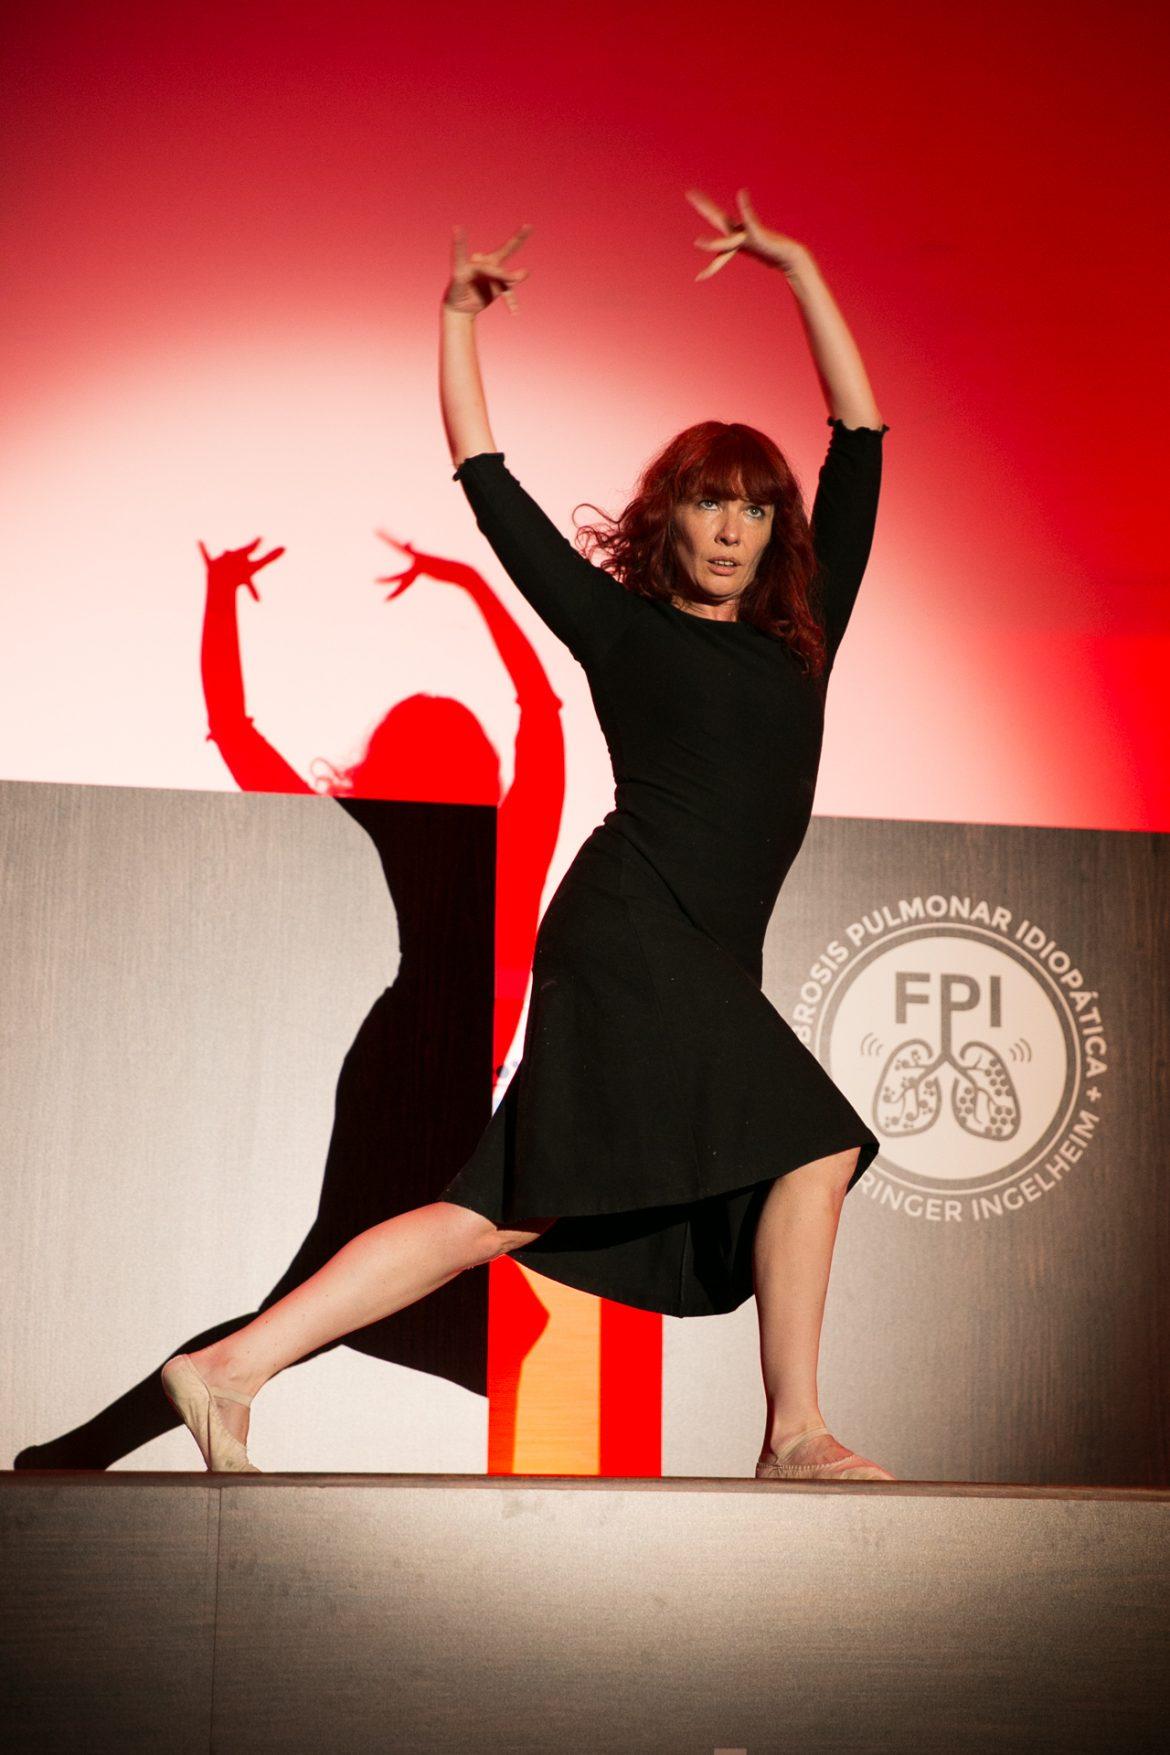 La danza, protagonista en la Semana Internacional de la Fibrosis Pulmonar Idiopática